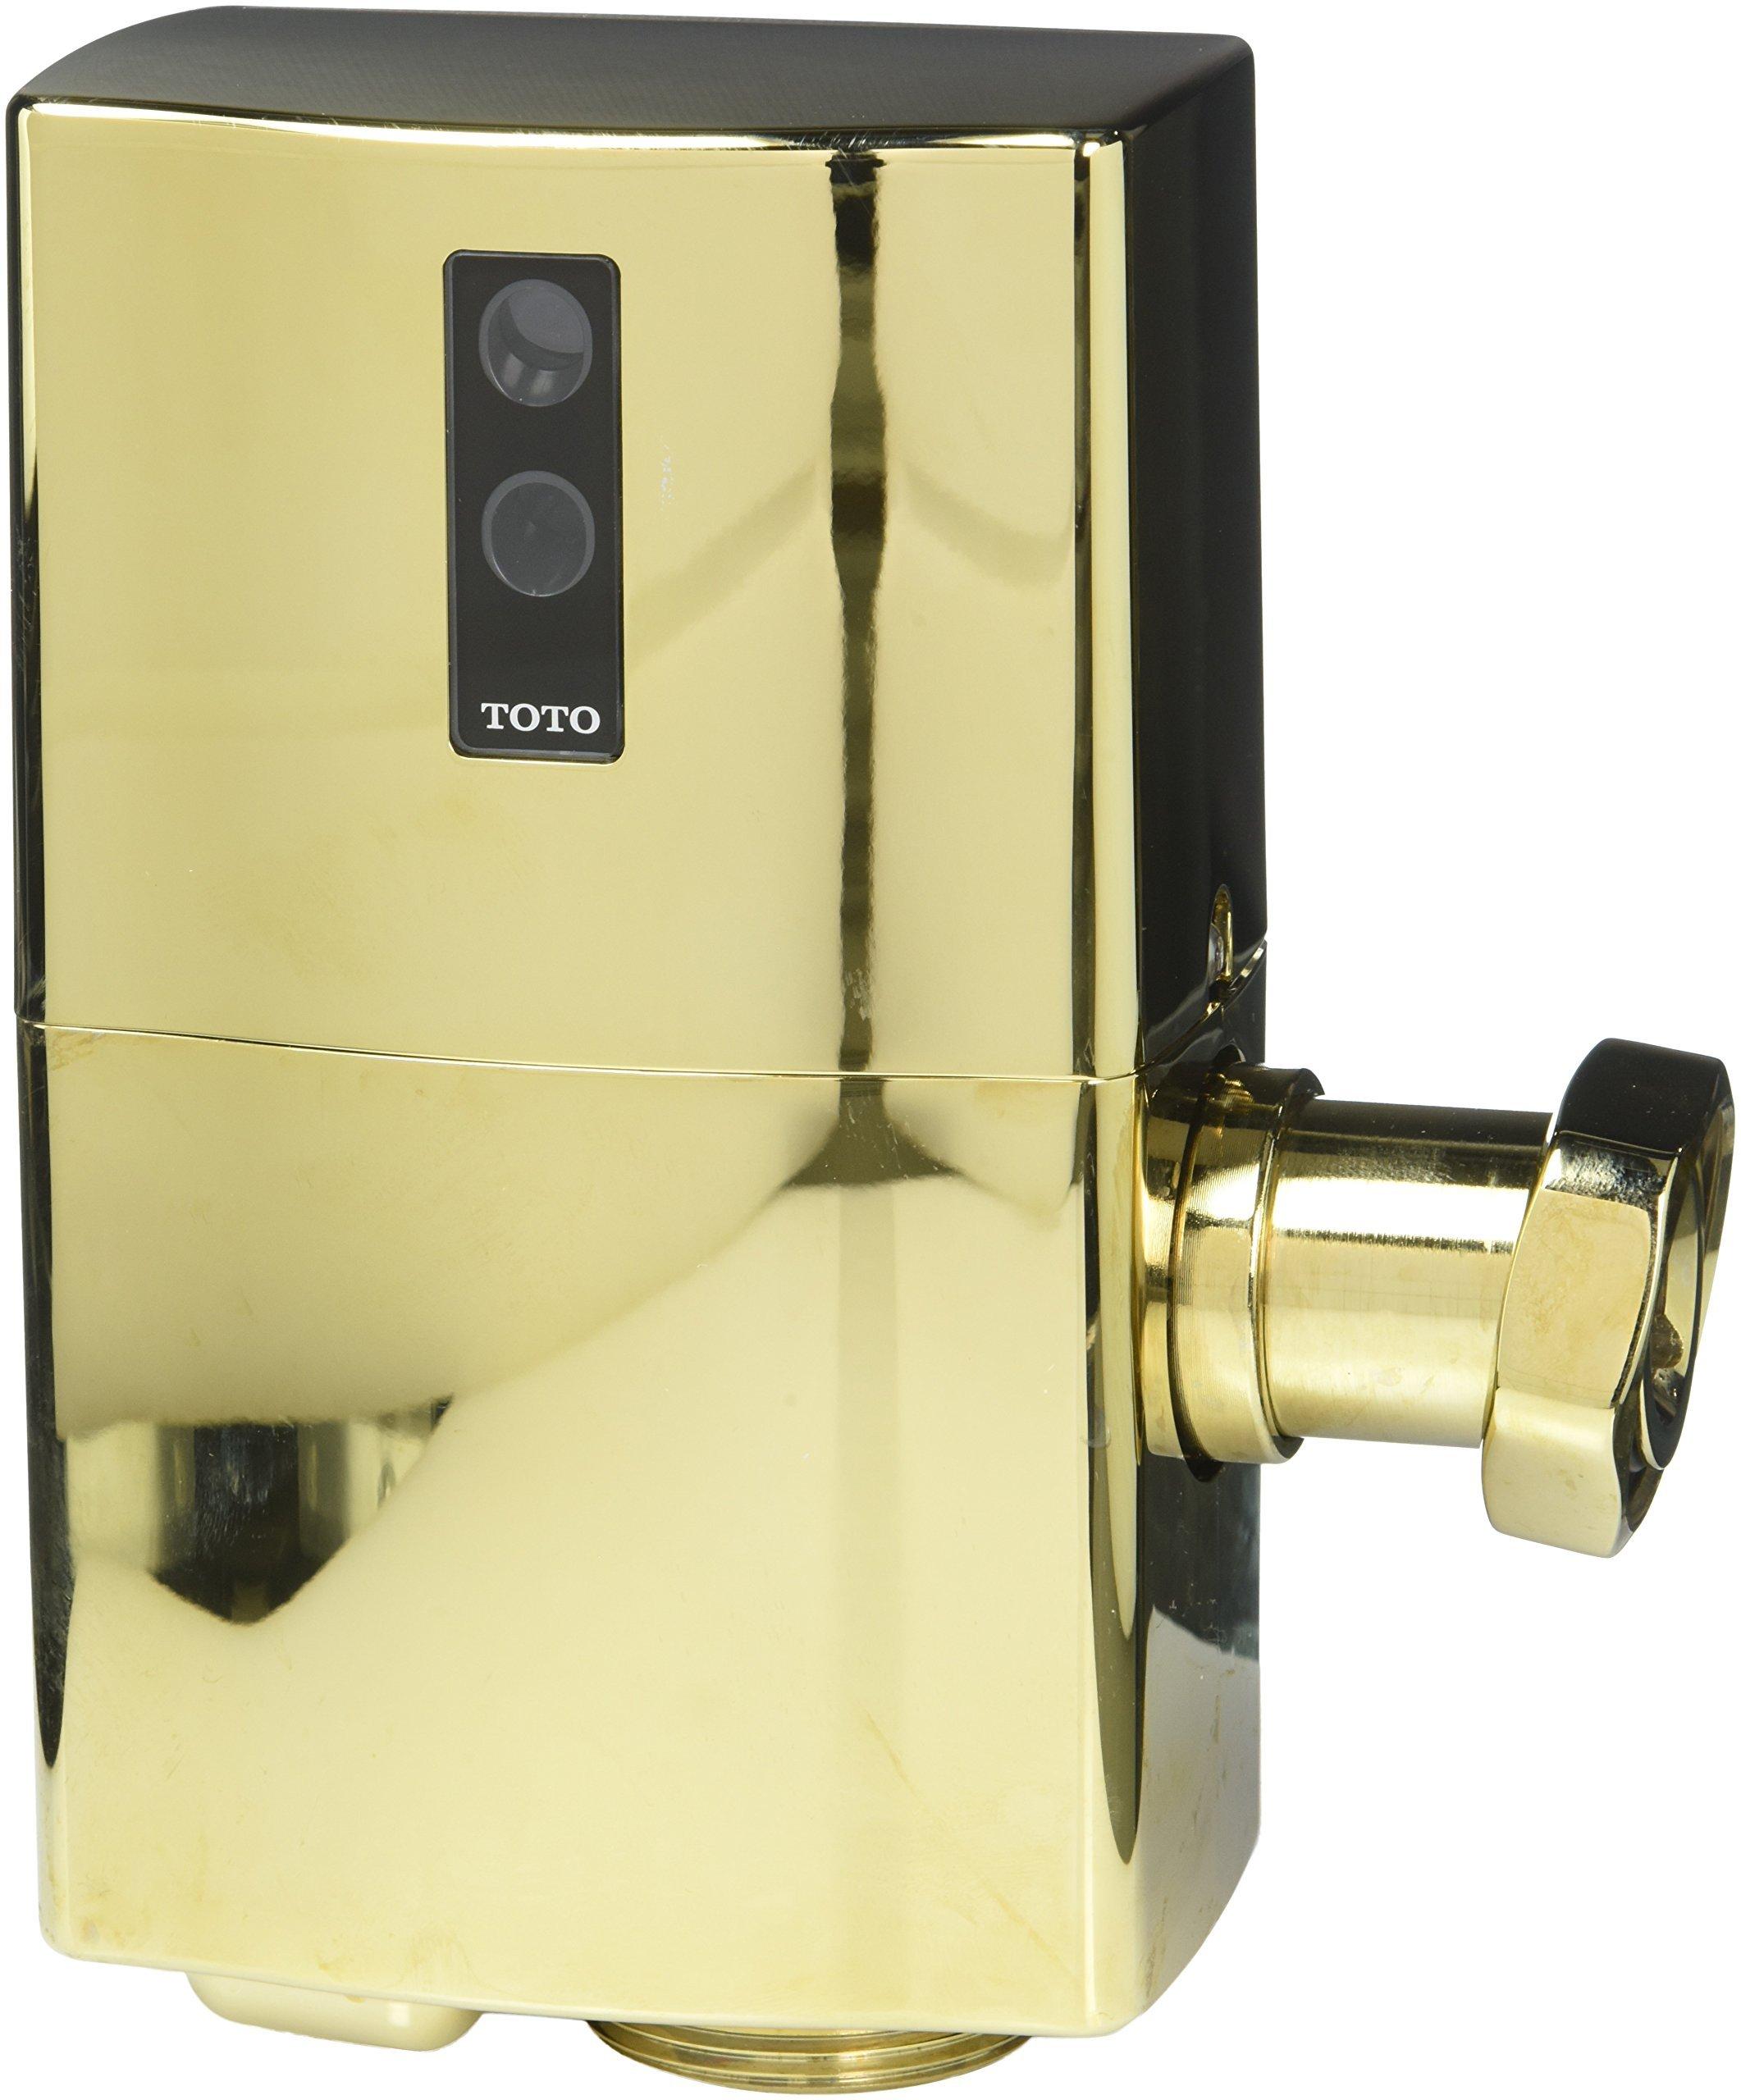 Toto TET1GNB EcoPower Toilet Flushometer Valve Only, Polished Brass